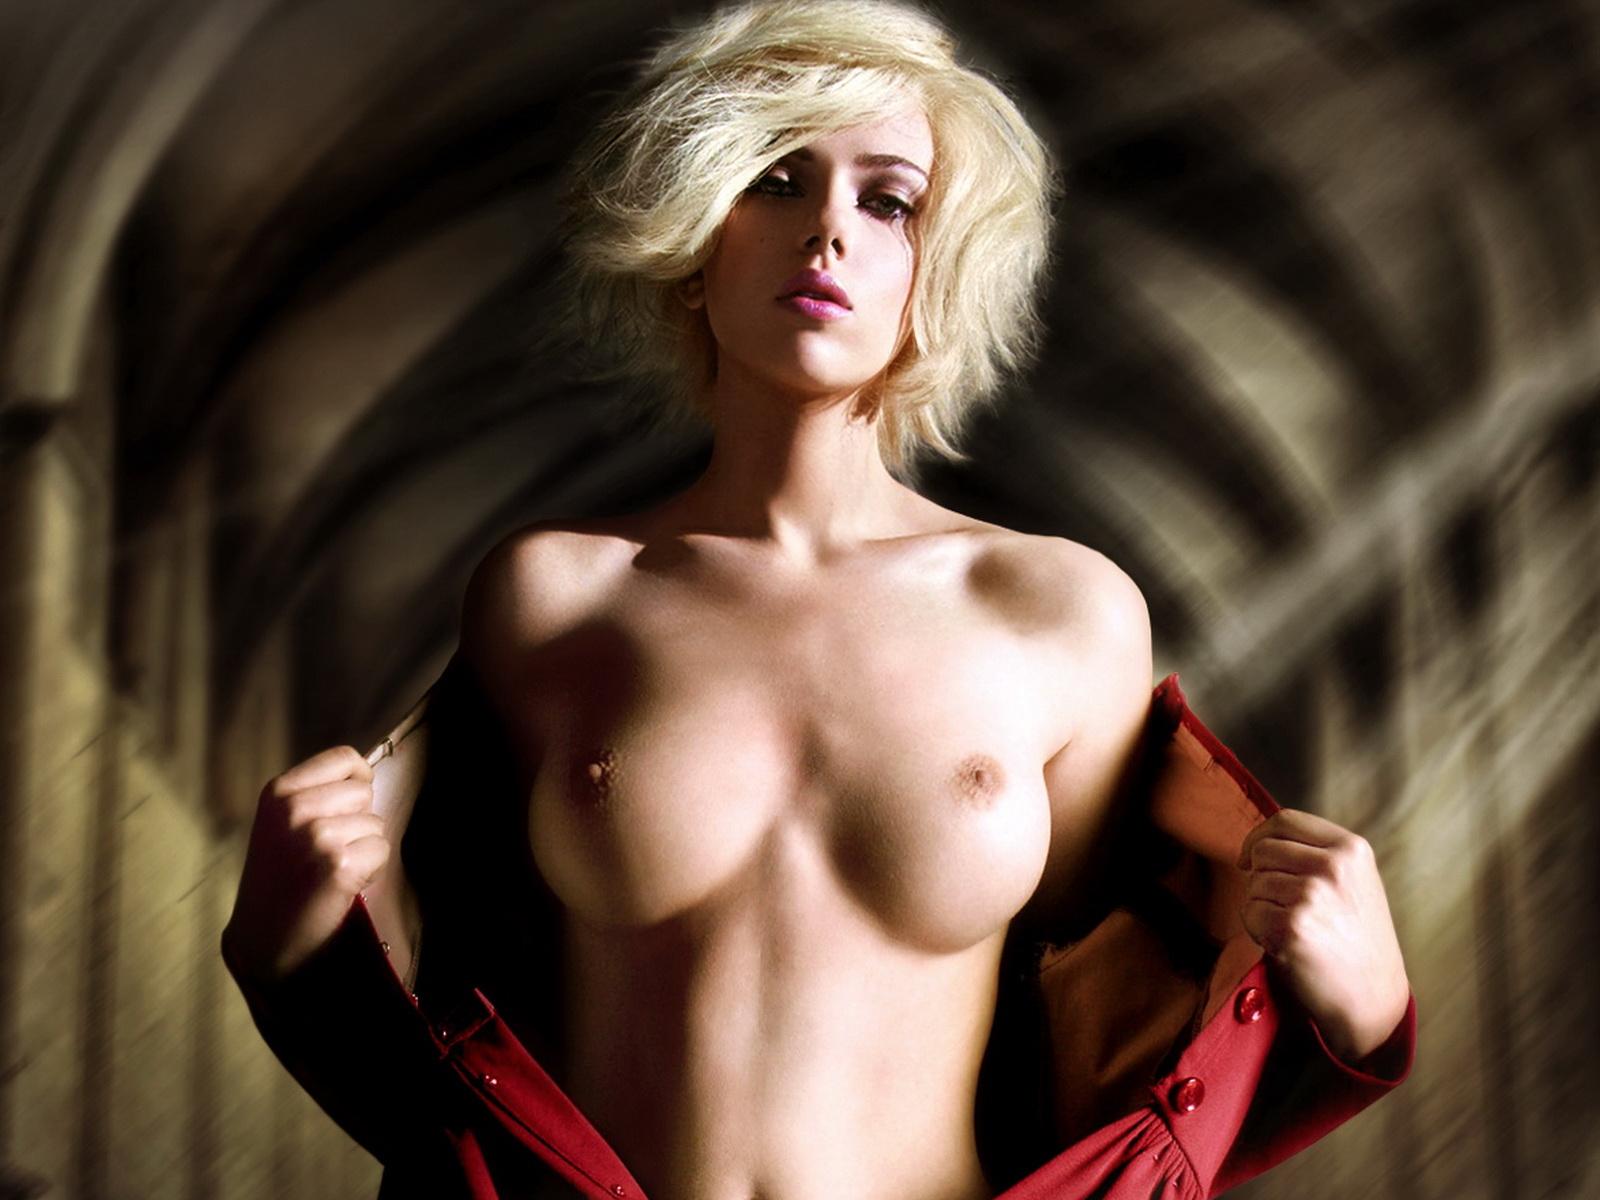 Scarlett Johansson Beauty Topless Hq